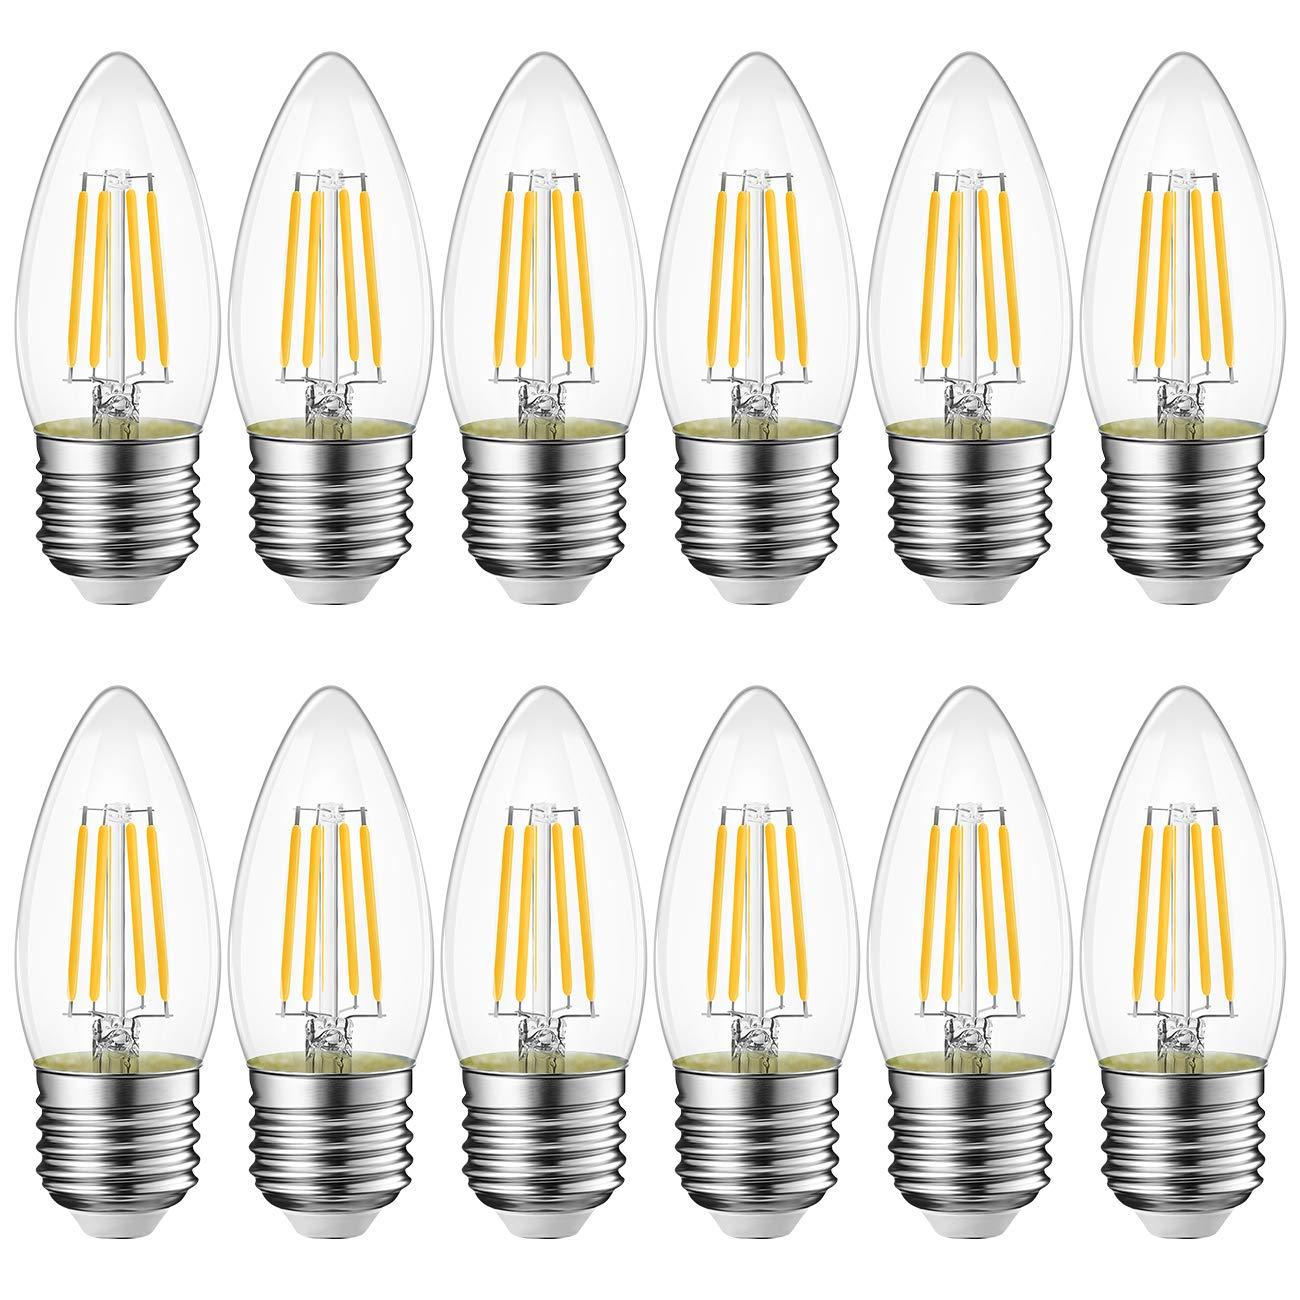 2700K Lampadine LED Filamento Edison Stile Vintage Non-dimmerabile LVWIT Forma ST64 806LM 8W Equivalenti a 60W Confezione da 6 Pezzi Lampadine a LED Attacco E27 Luce Bianca Calda